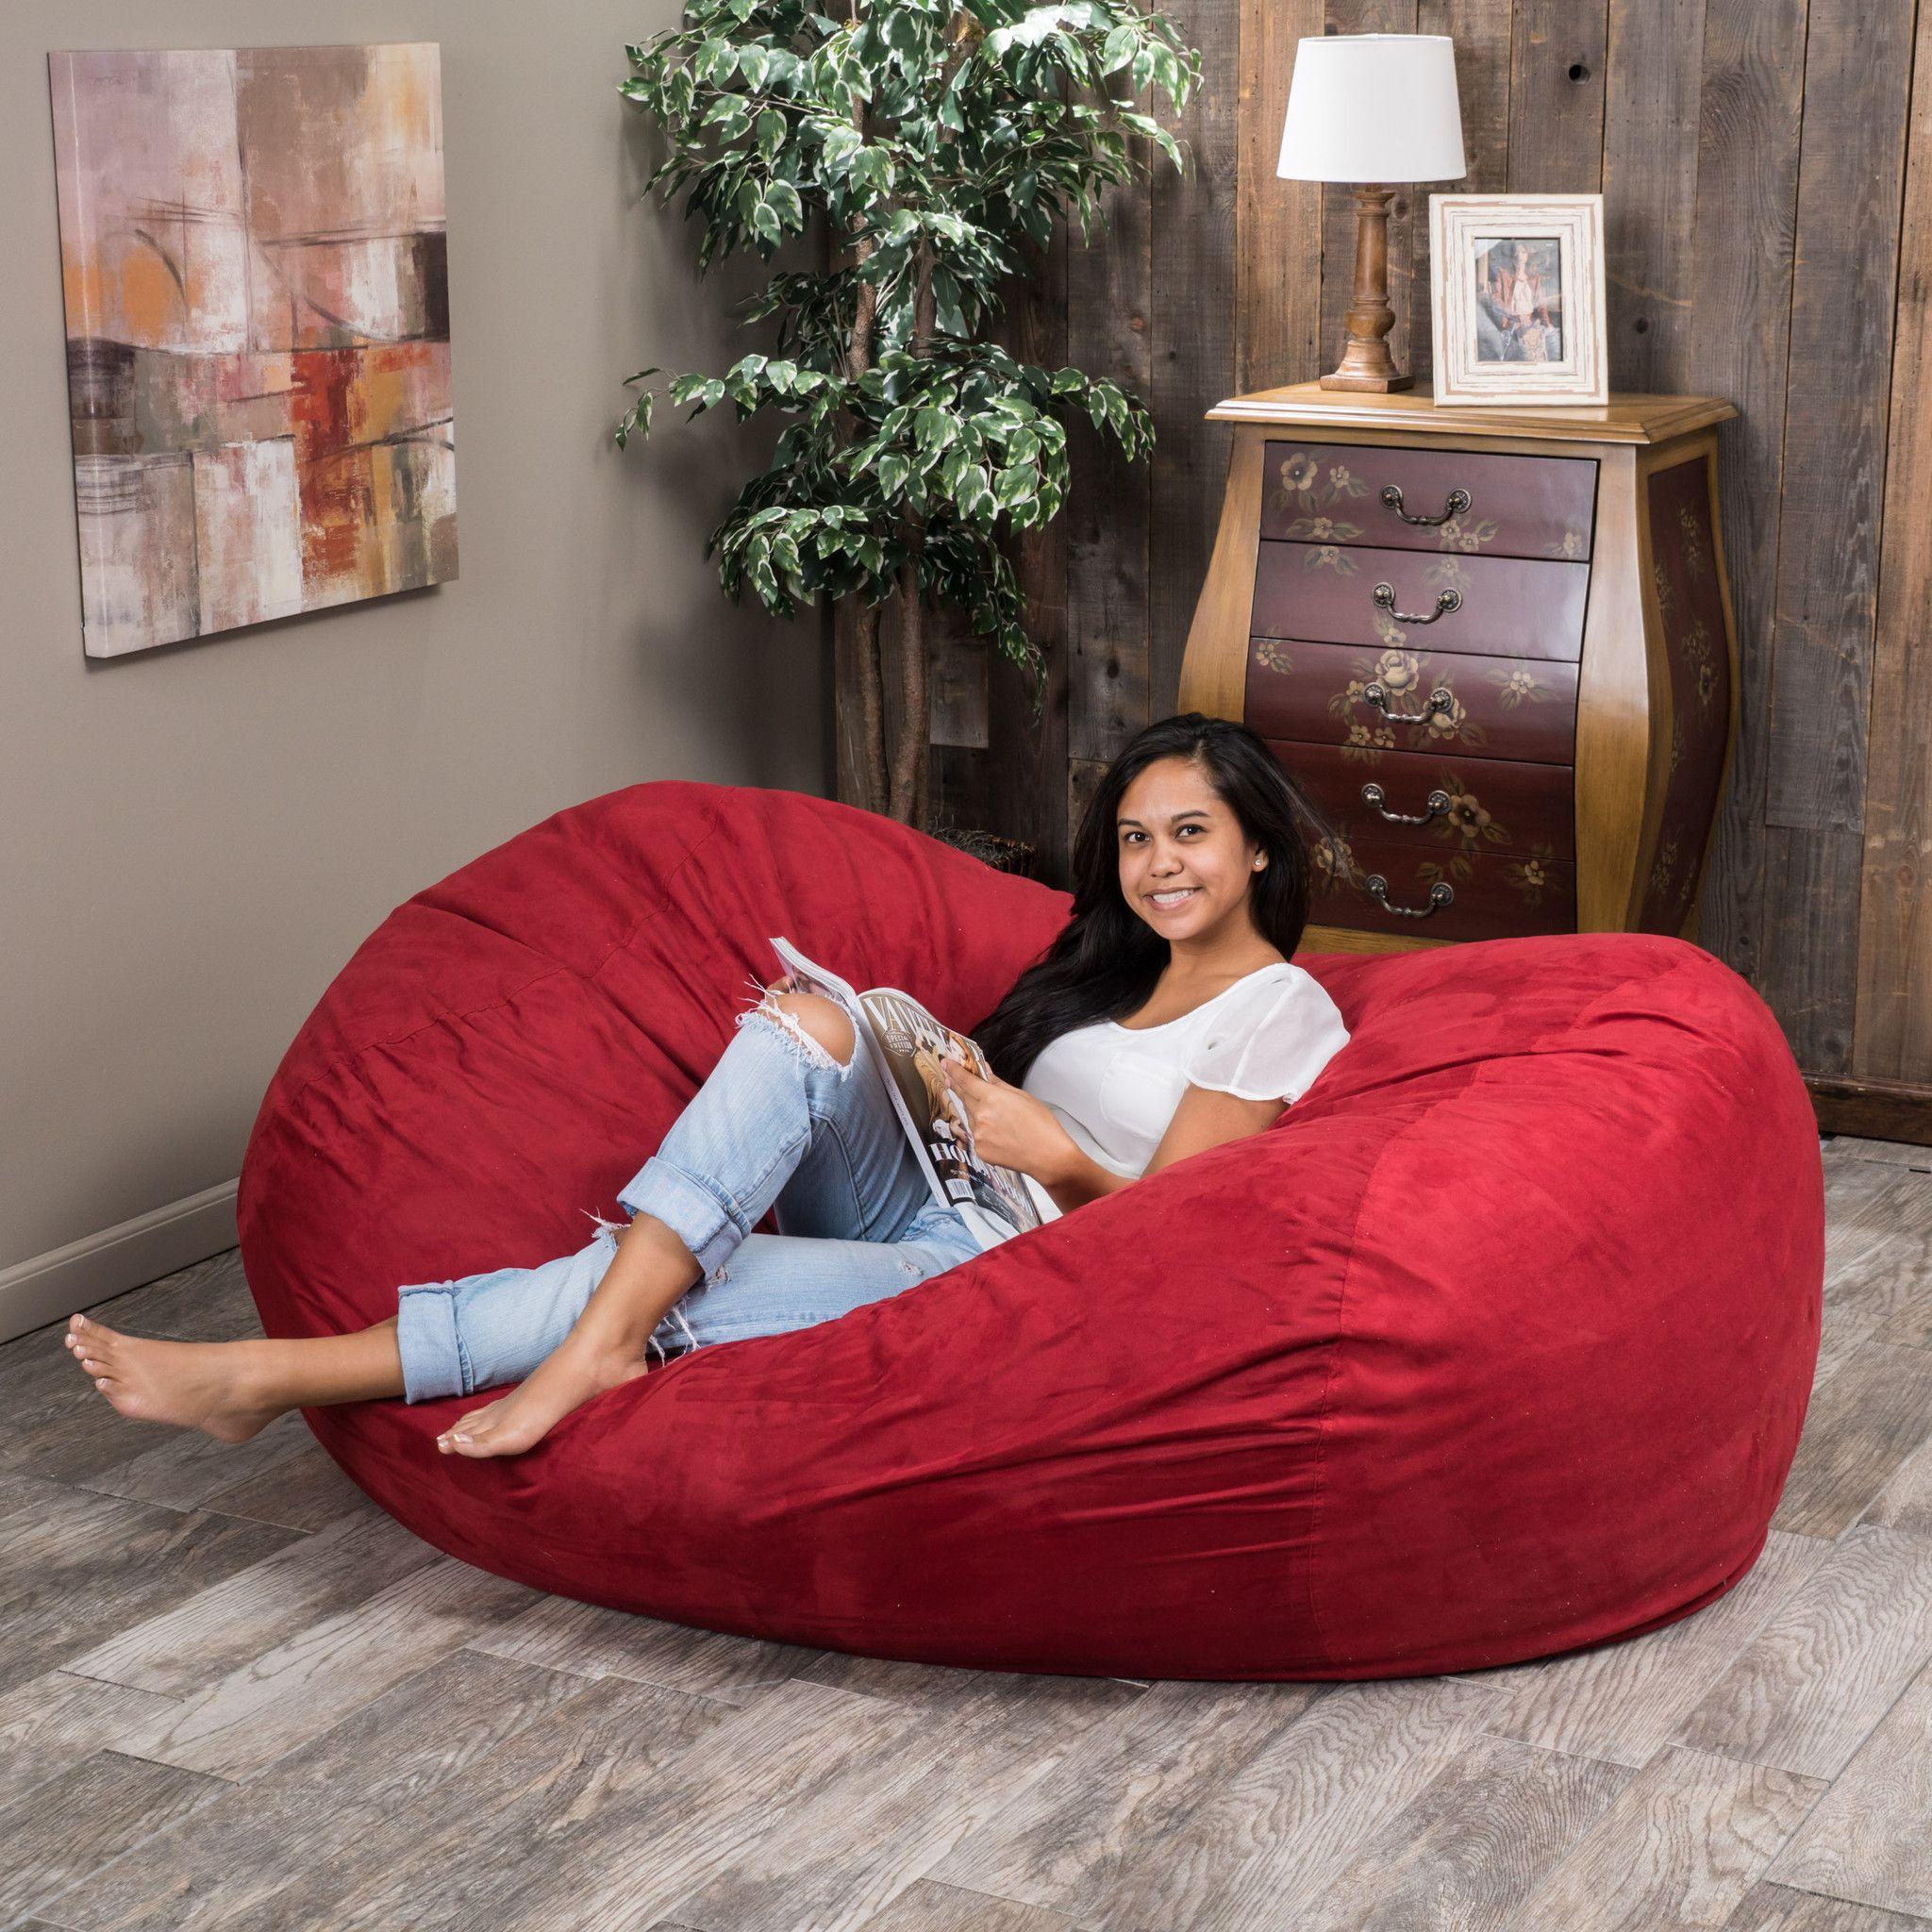 Haley Red 6 Ft Faux Suede Microfiber Bean Bag Bean Bag Chair